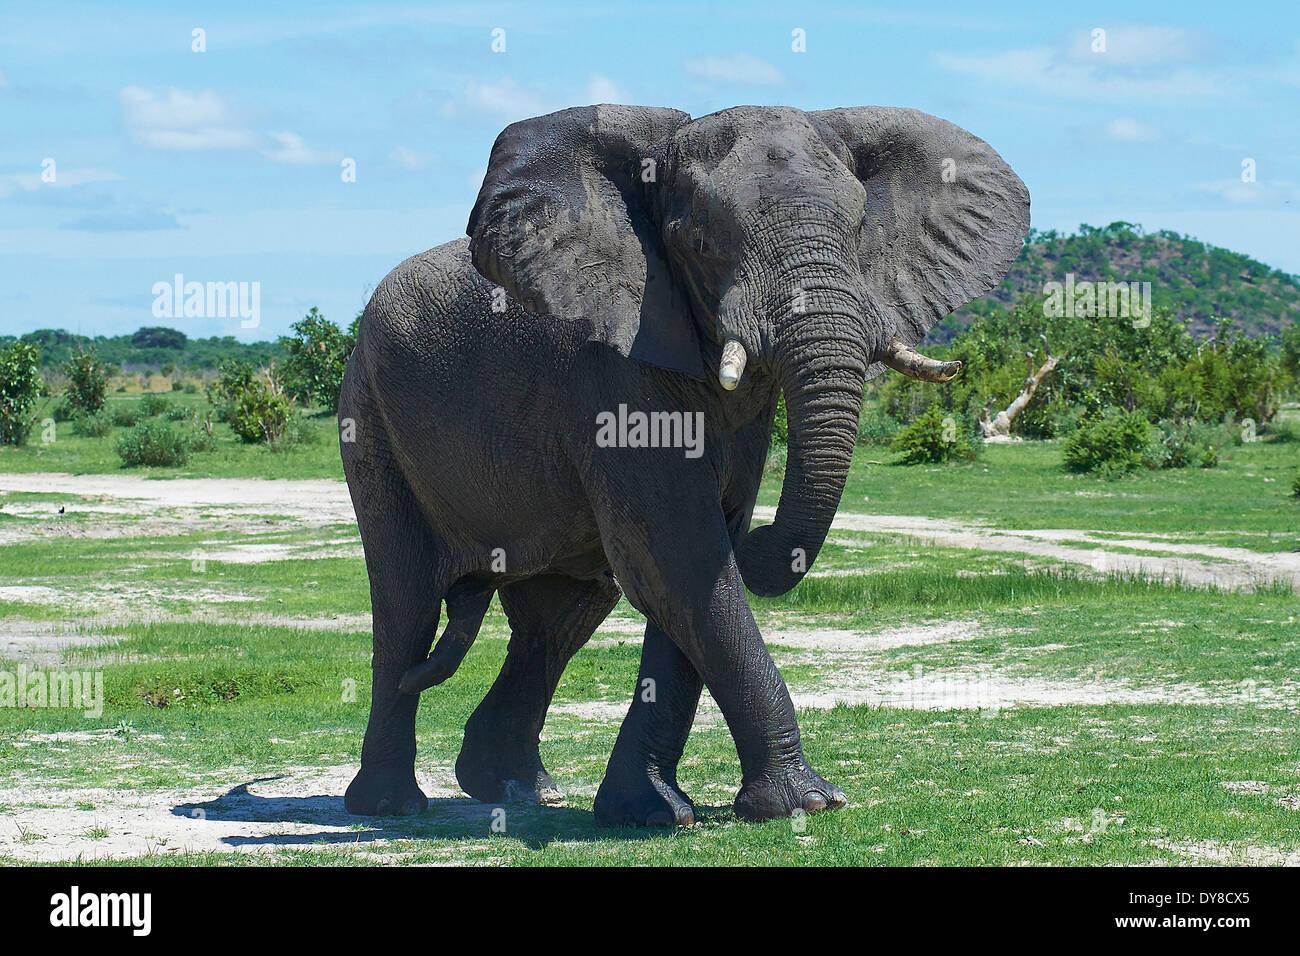 Botswana, Africa, elephant, Savuti, animal, - Stock Image